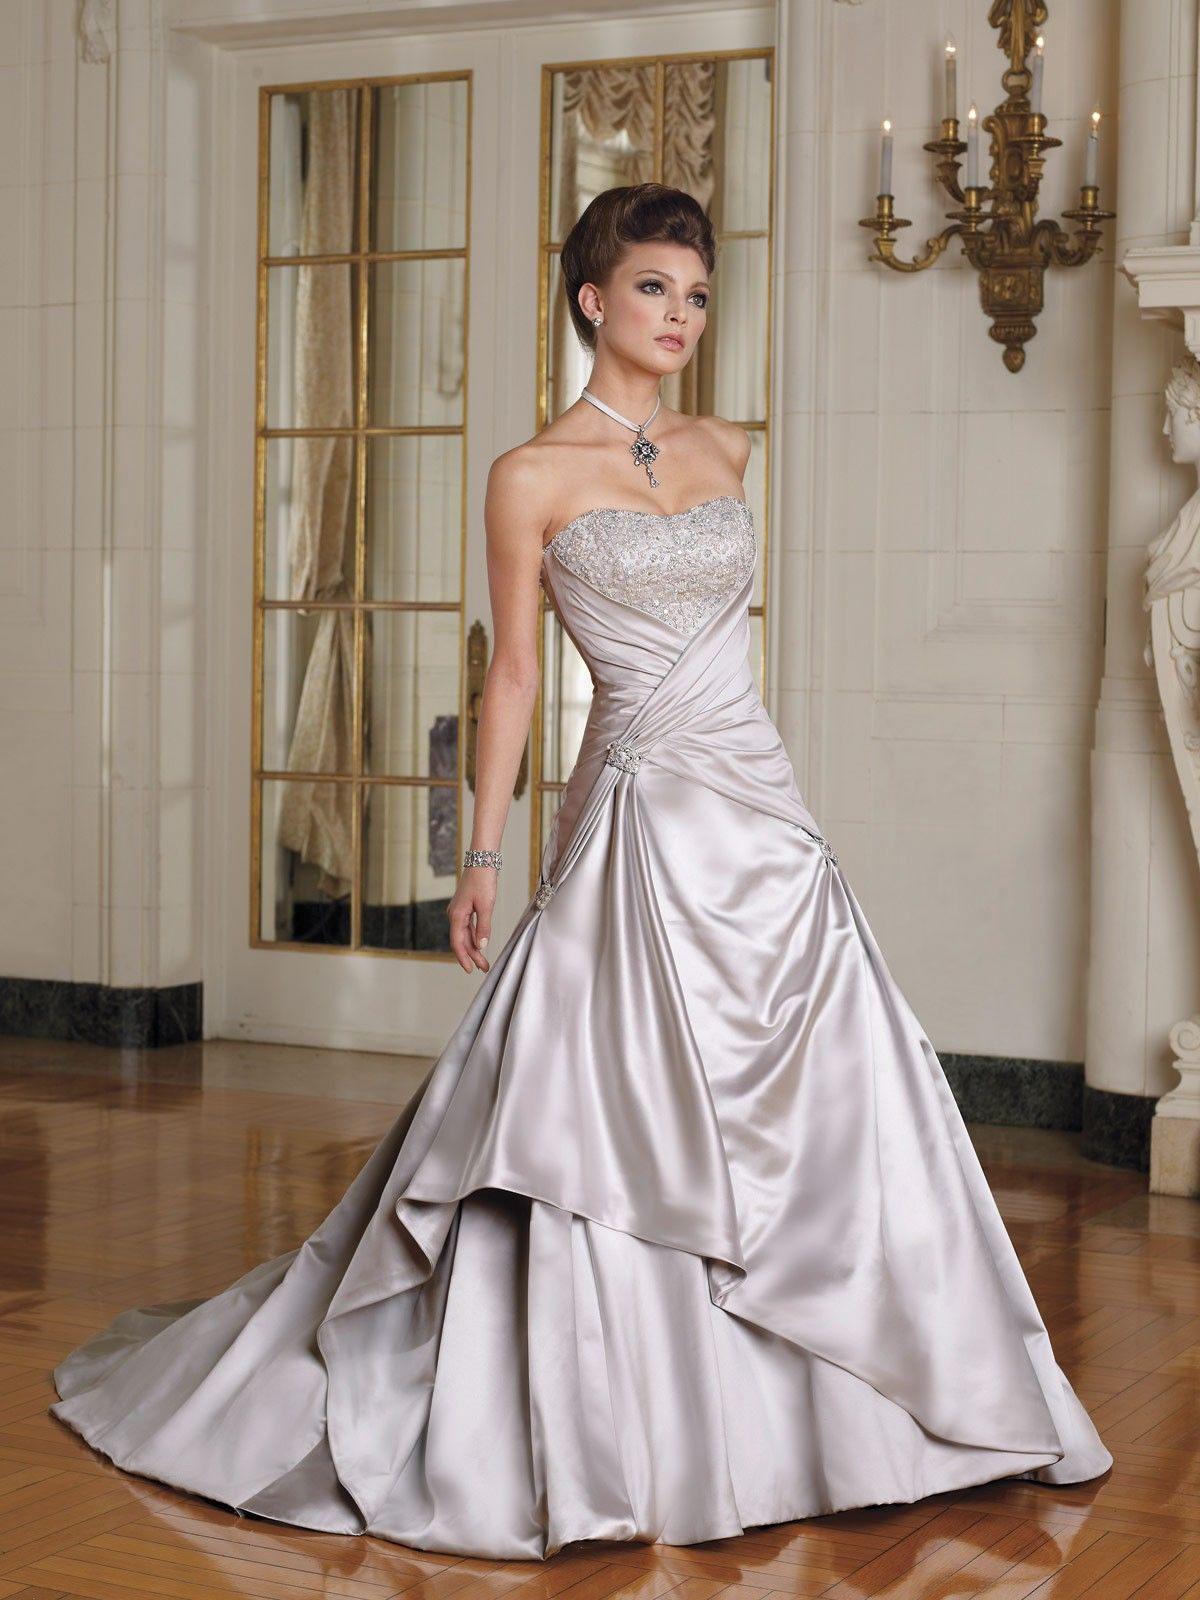 Park Art My WordPress Blog_Corset Back Wedding Dress Weight Loss